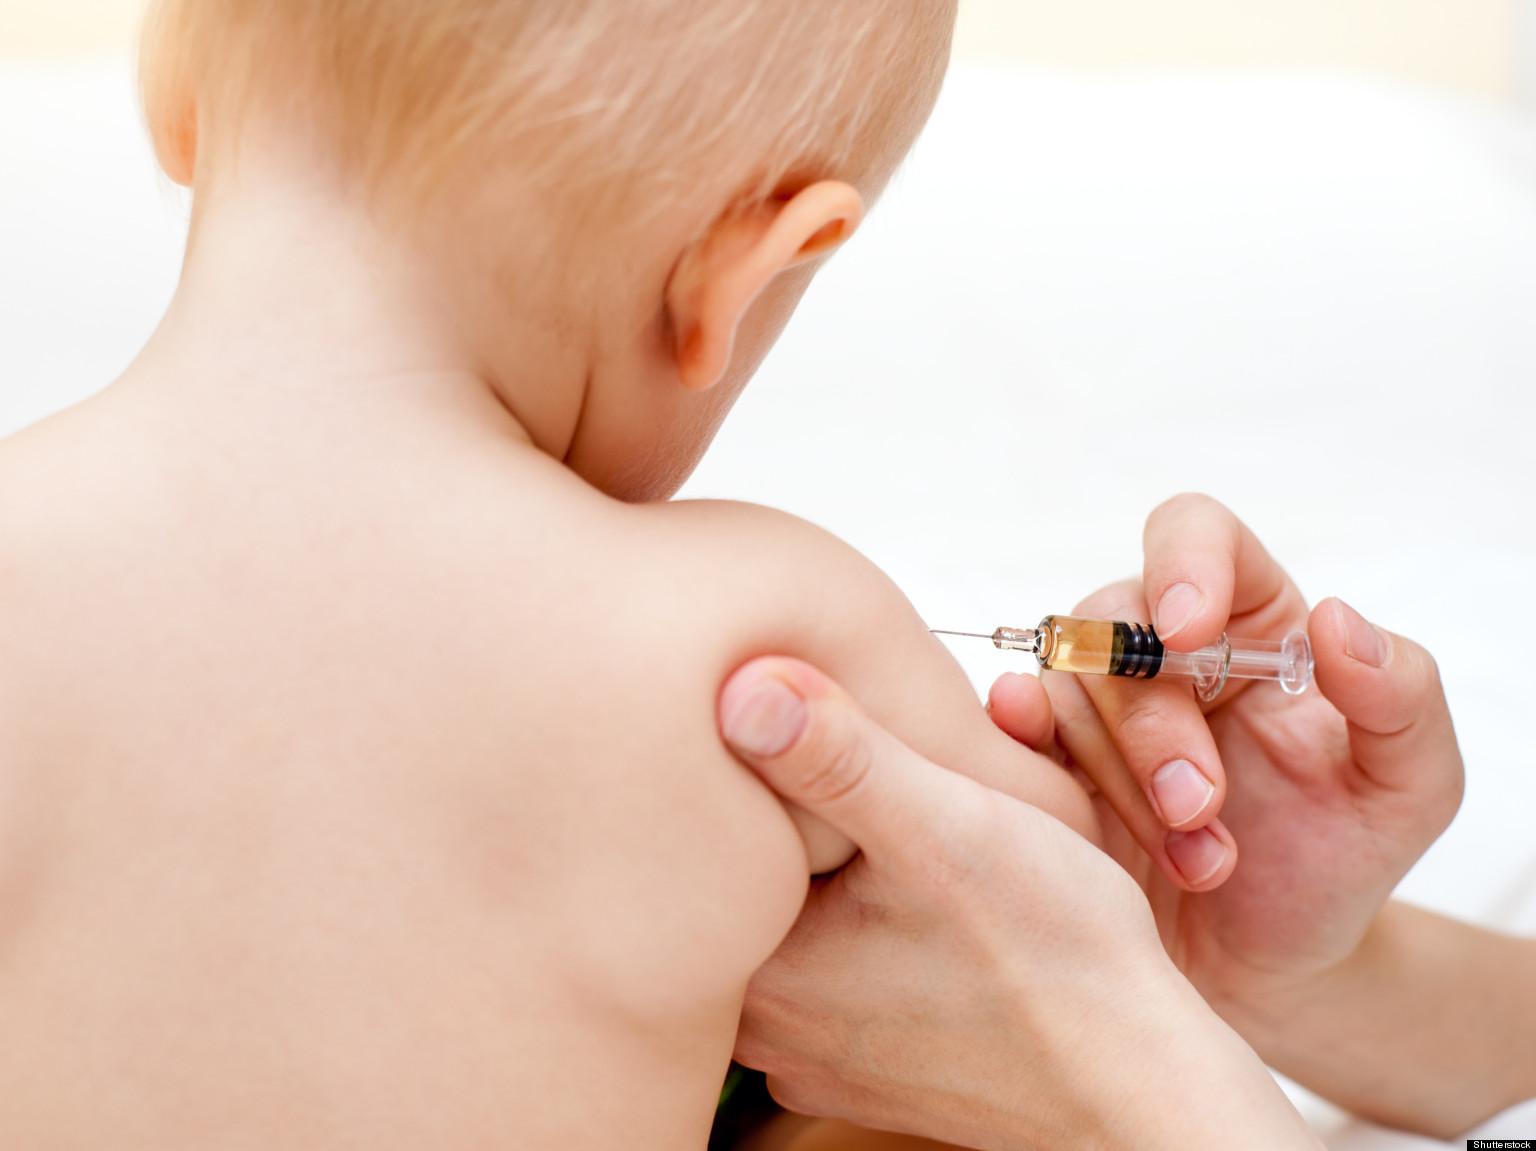 日本脳炎 予防接種